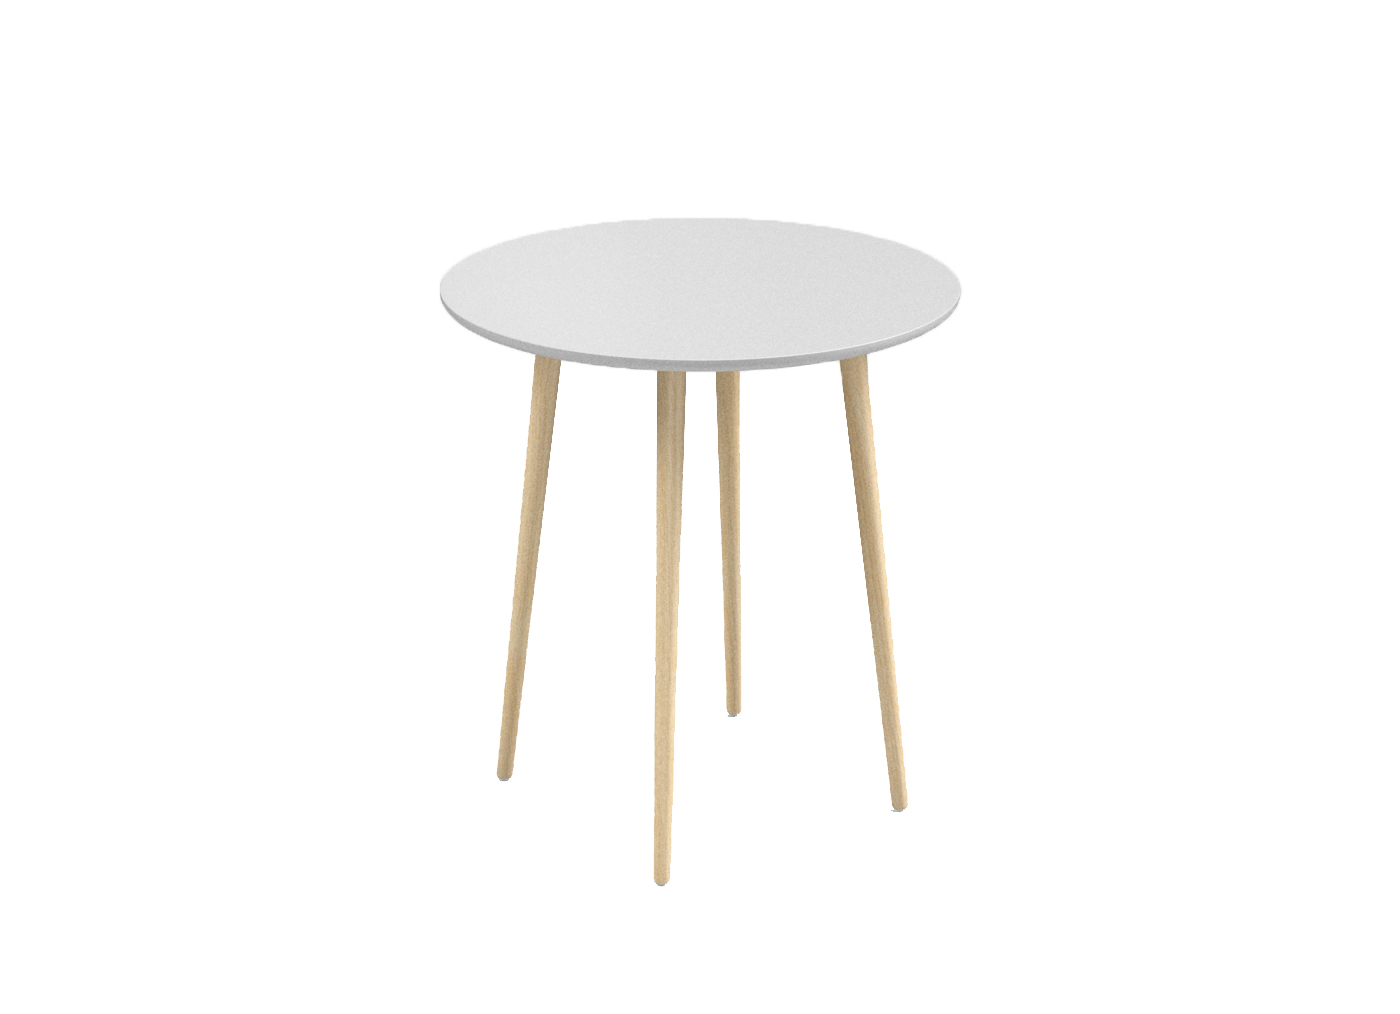 Стол СпутникПриставные столики<br>Woodi предлагает свою версию скандинавского обеденного<br>стола.<br>Классическая круглая форма и натуральные материалы -<br>отличительные черты нашего стола. Столешница, основание<br>и ножки представлены в двух цветах и материалах, которые<br>можно комбинировать по вашему желанию. Стол предназначен<br>для использования как в общественных зонах, так и<br>дома. Материал: Верх и<br>низ столешницы покрашены в<br>белый цвет;<br>ножки из березы – лакированные.Woodi предлагает свою версию скандинавского обеденного<br>стола.<br>Классическая круглая форма и натуральные материалы -<br>отличительные черты нашего стола. Столешница, основание<br>и ножки представлены в двух цветах и материалах, которые<br>можно комбинировать по вашему желанию. Стол предназначен<br>для использования как в общественных зонах, так и<br>дома. Материал: Верх и<br>низ столешницы покрашены в<br>белый цвет;<br>ножки из березы – лакированные.<br><br>Material: Береза<br>Width см: None<br>Depth см: None<br>Height см: 75<br>Diameter см: 70